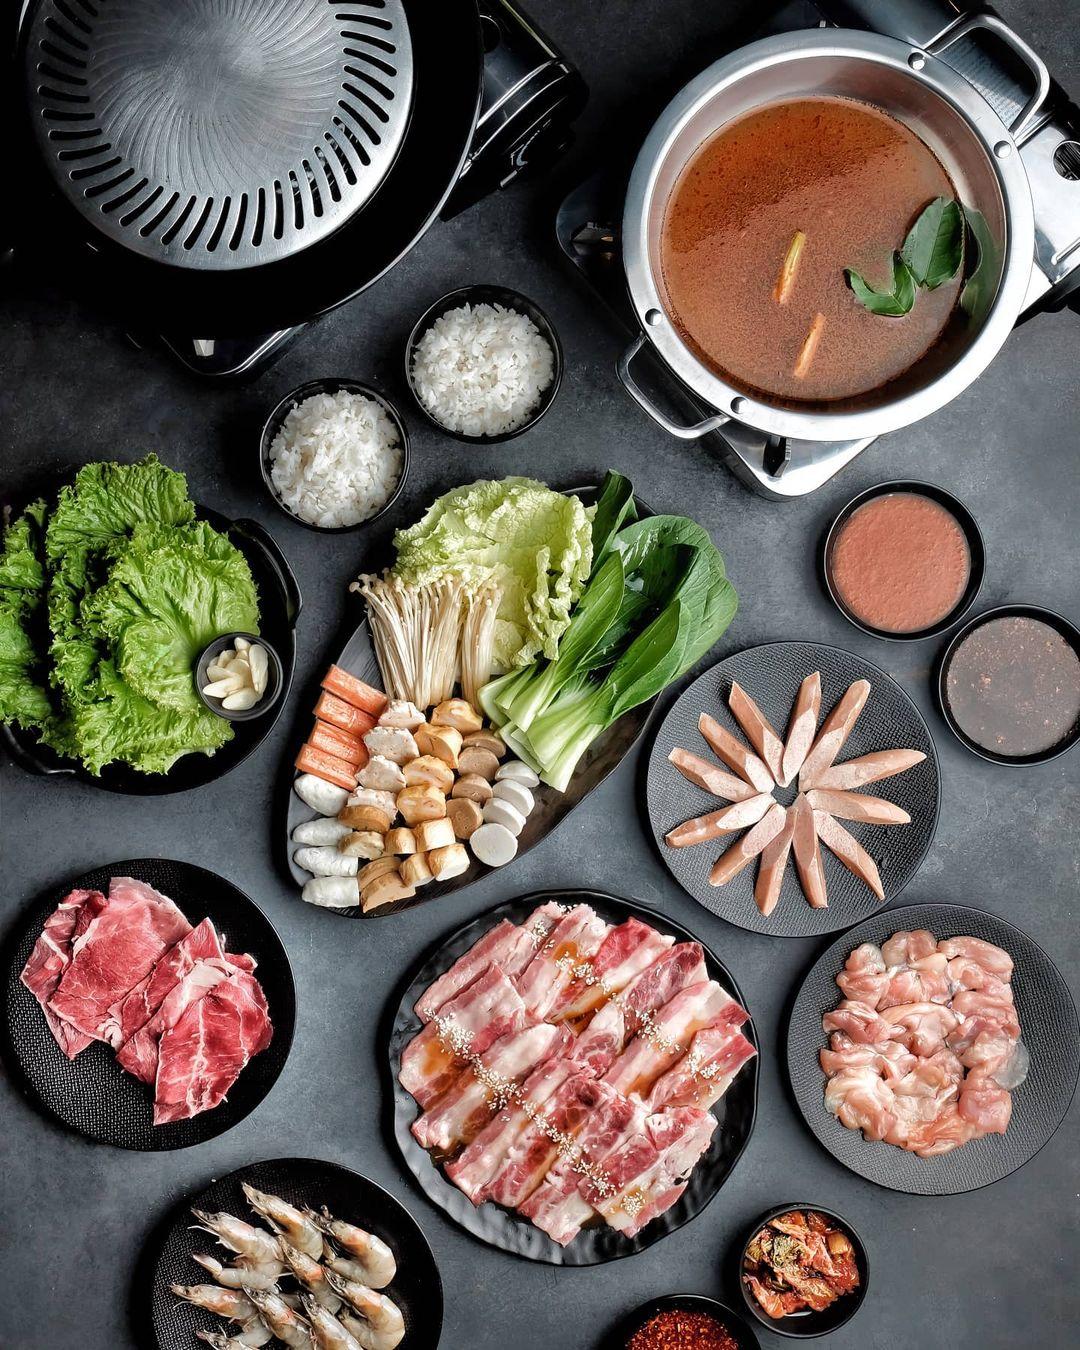 Go PANG Denpasar Korean Food All You Can Eat Bali